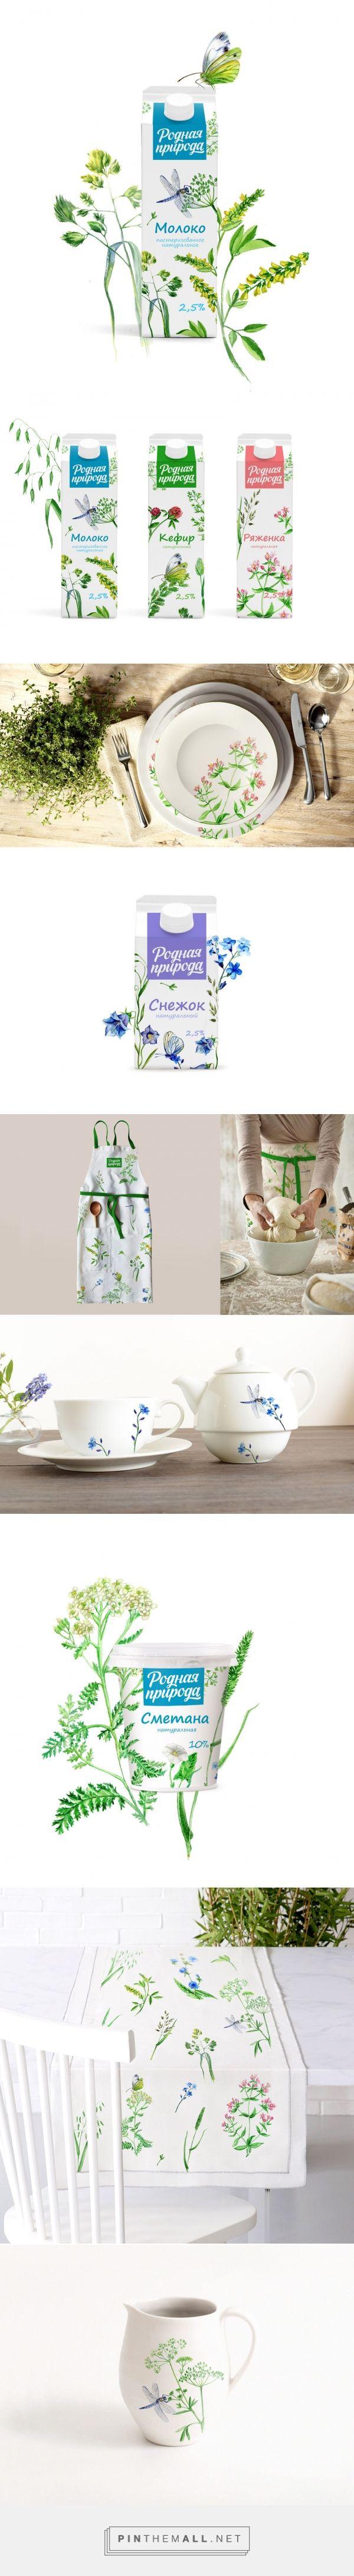 Rodnaya Priroda milk packaging design by BRAND EXPERT Freedom Island - http://www.packagingoftheworld.com/2016/11/rodnaya-priroda.html